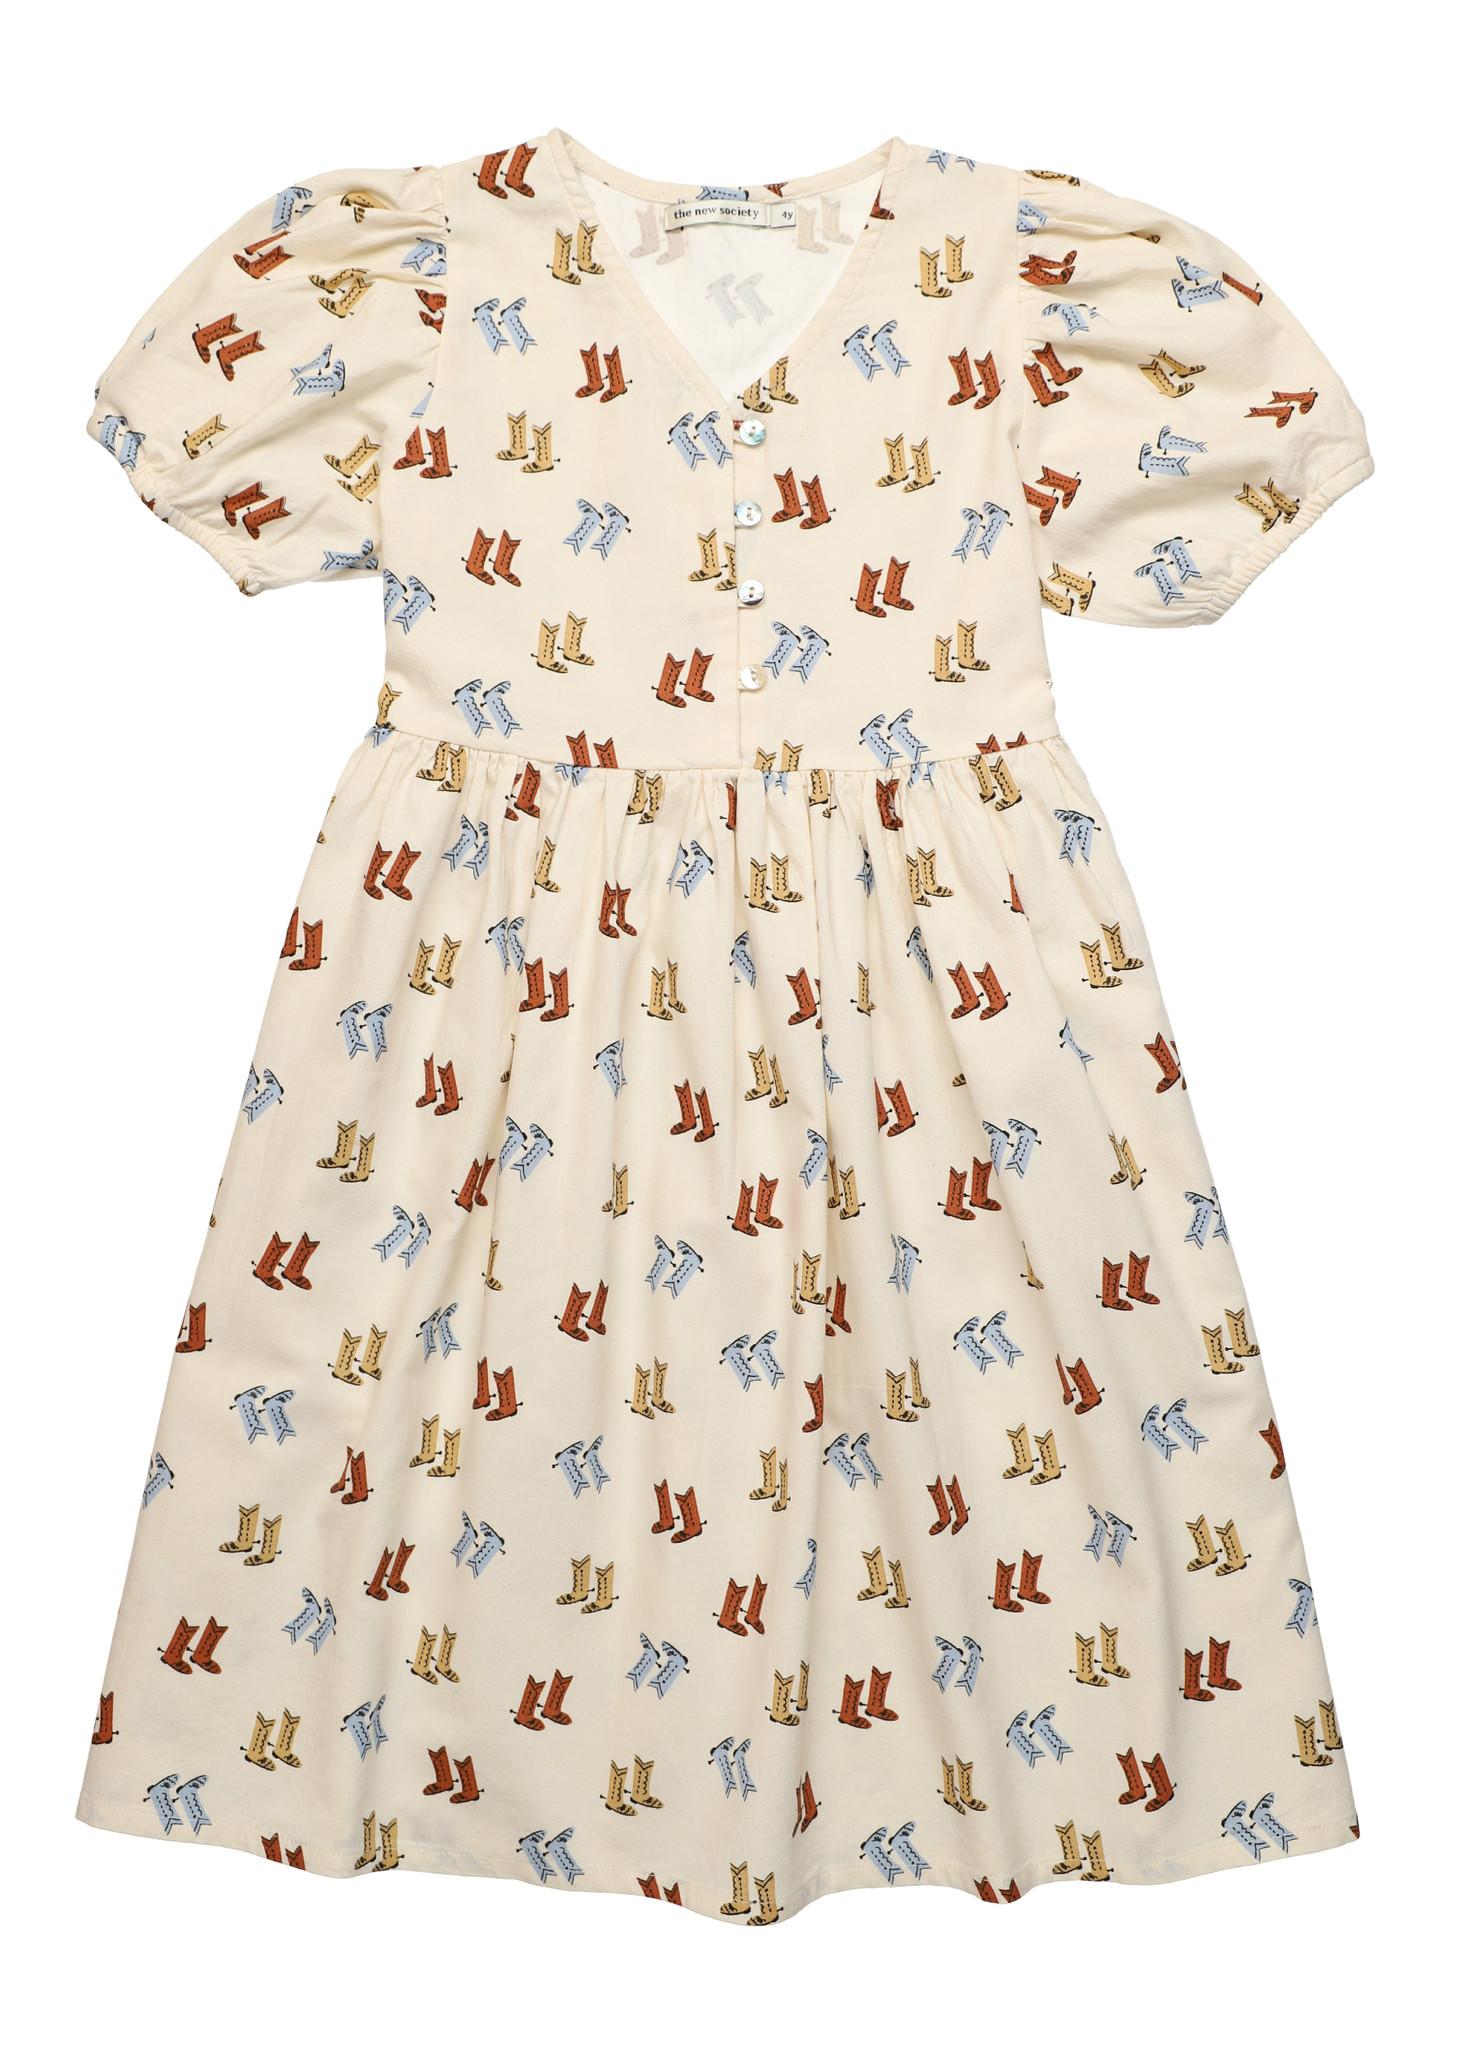 Eleonora dress - Dallas-1